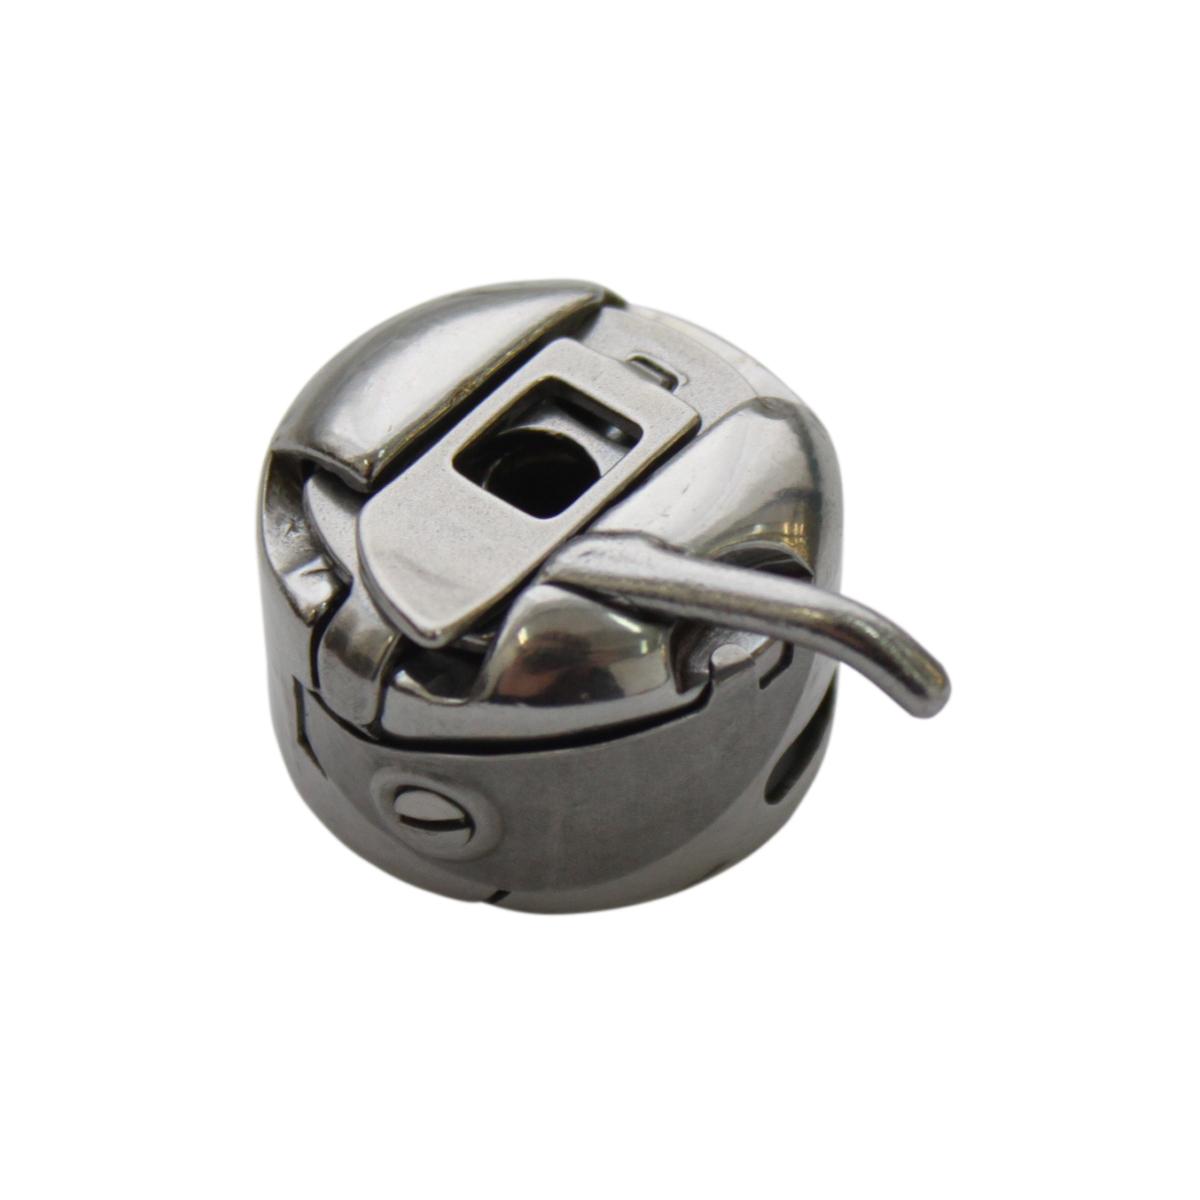 Шпульный колпачок Bestex SINGER ВС-15, левоходный к БШМ463675Шпульный колпачок Bestex SINGER ВС-15 изготовлен для классического челнока, левоходный. Шпульный колпачок для бытовых швейных машин, для вертикального челночного устройства.